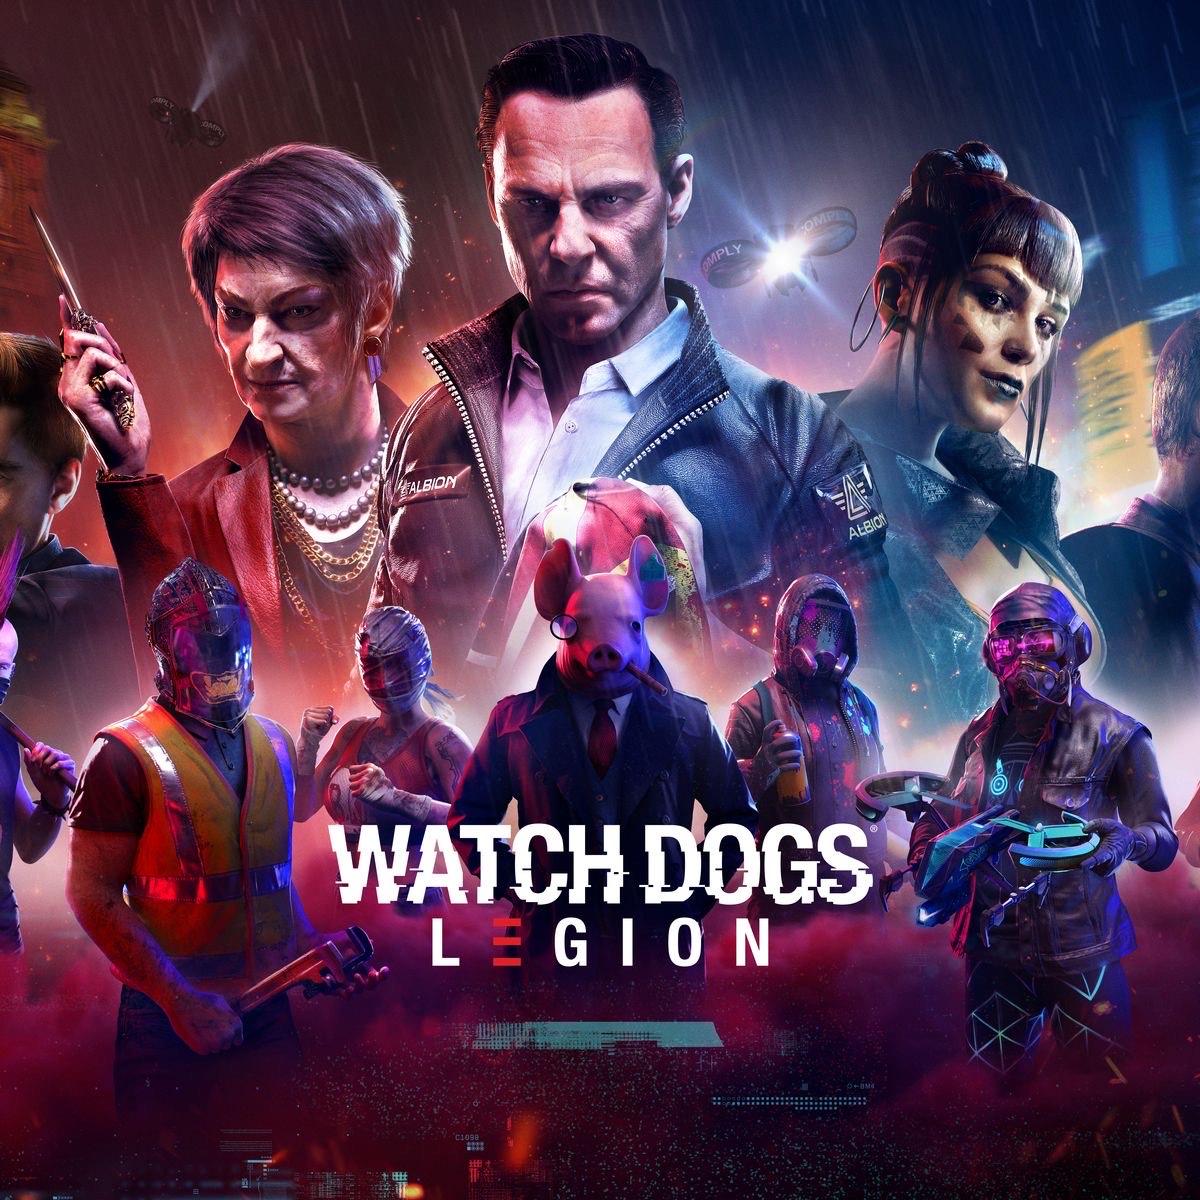 [Gamivo] Watch Dogs Legion PC (Uplay EU)